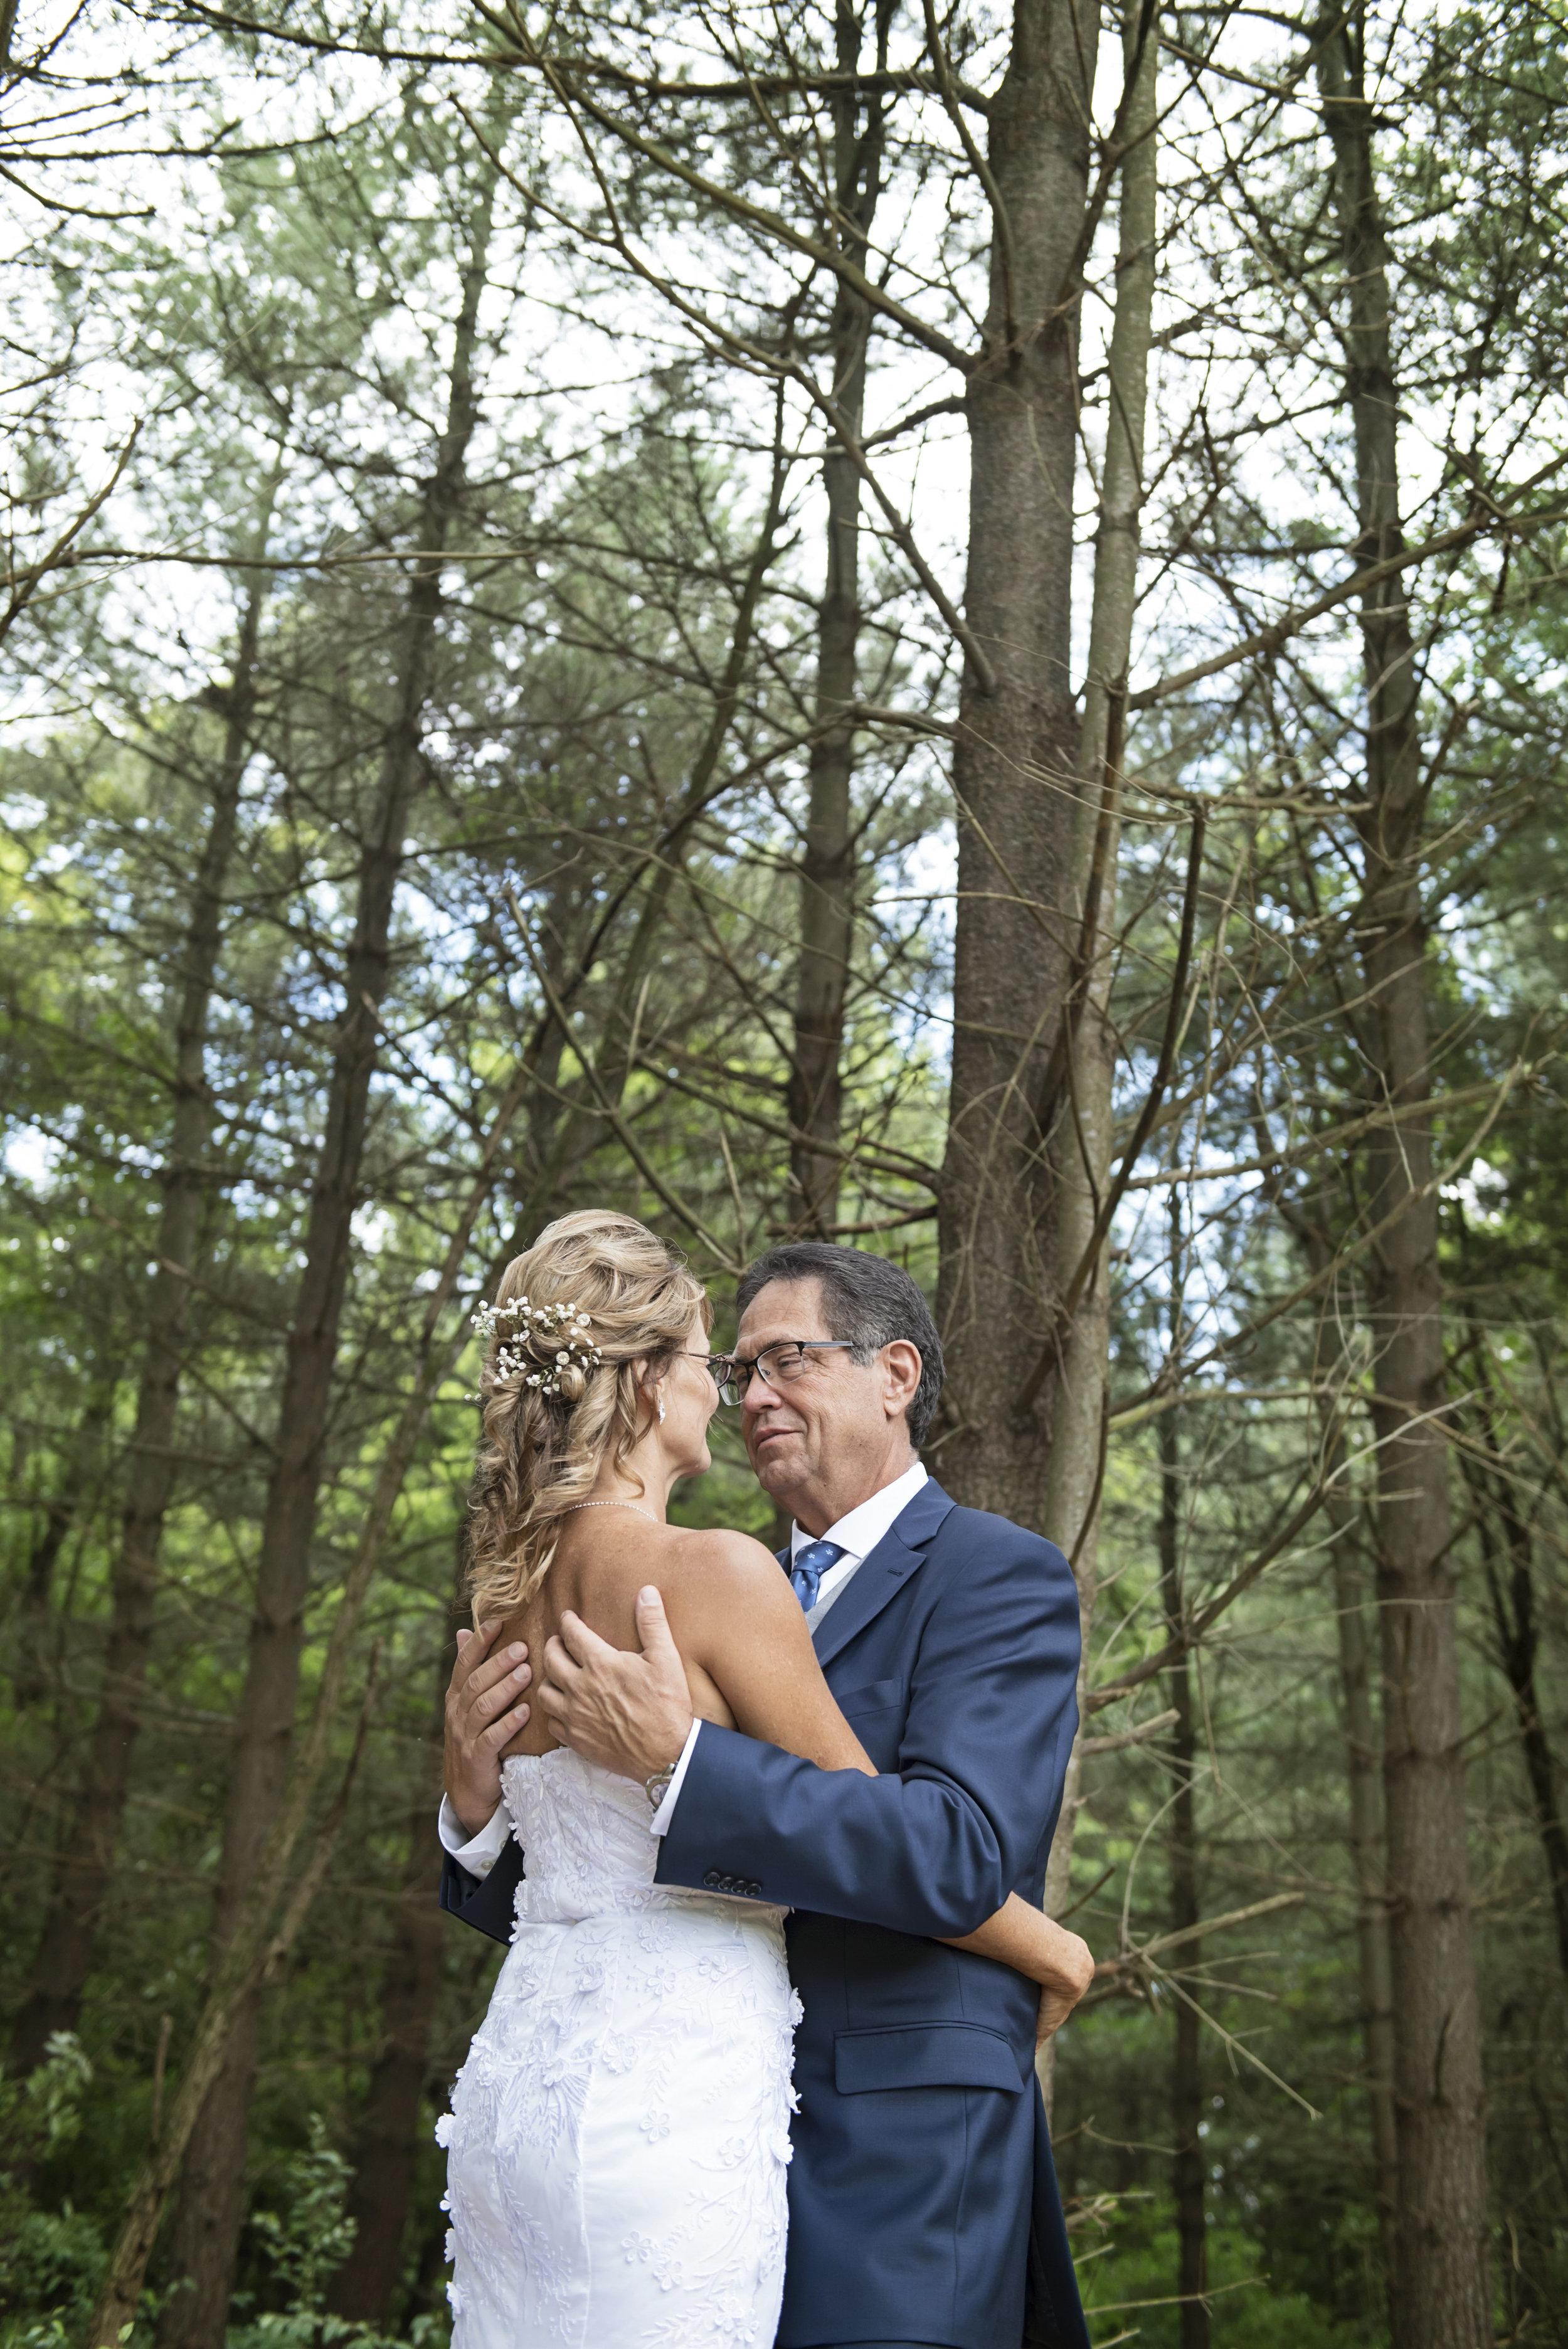 Ruthie+Wayne_Wedding_Sneak_Peek_10.jpg